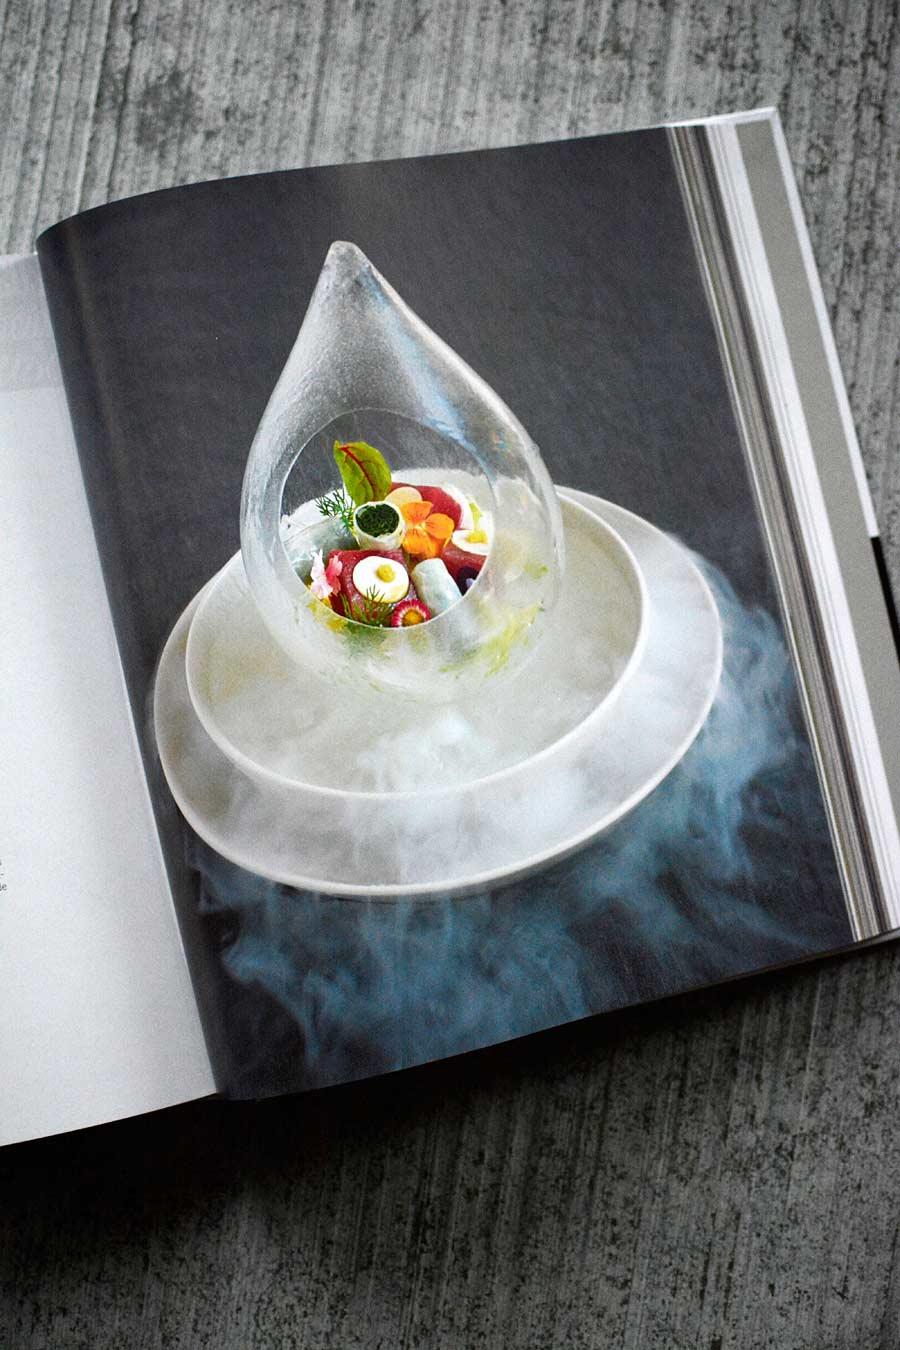 photos de recettes, forme de goutte, meli-melo de légumes de saison; carbo-glace